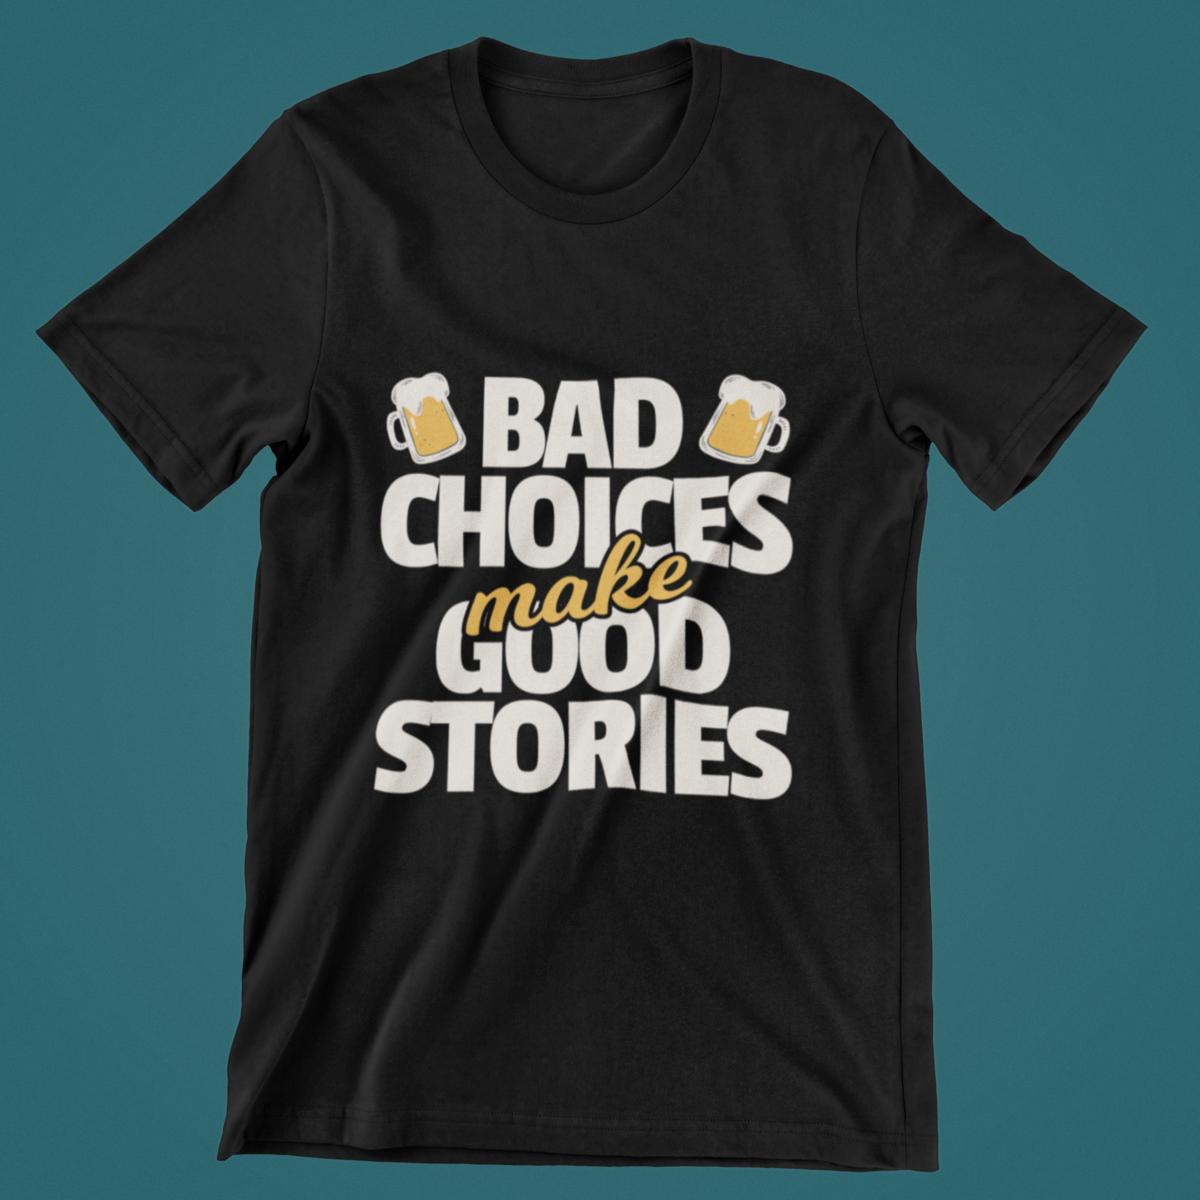 Bad Choices make Good Stories T Shirt